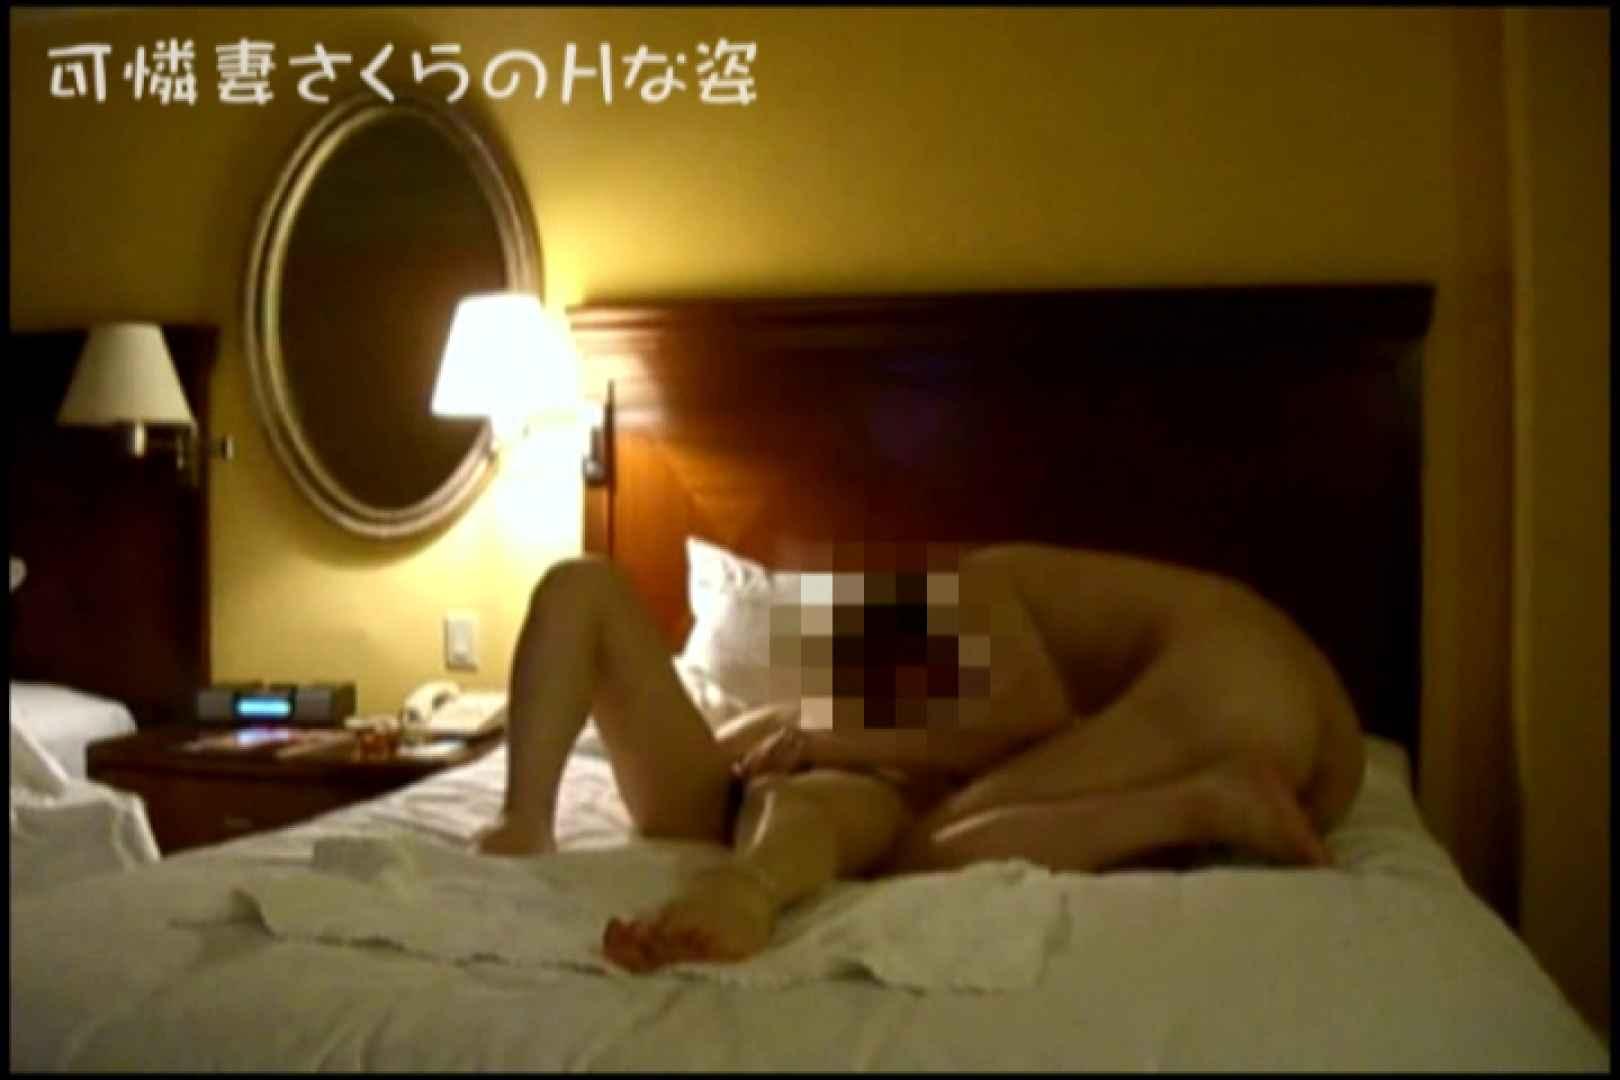 可憐妻さくらのHな姿vol.8 セックス スケベ動画紹介 58連発 5